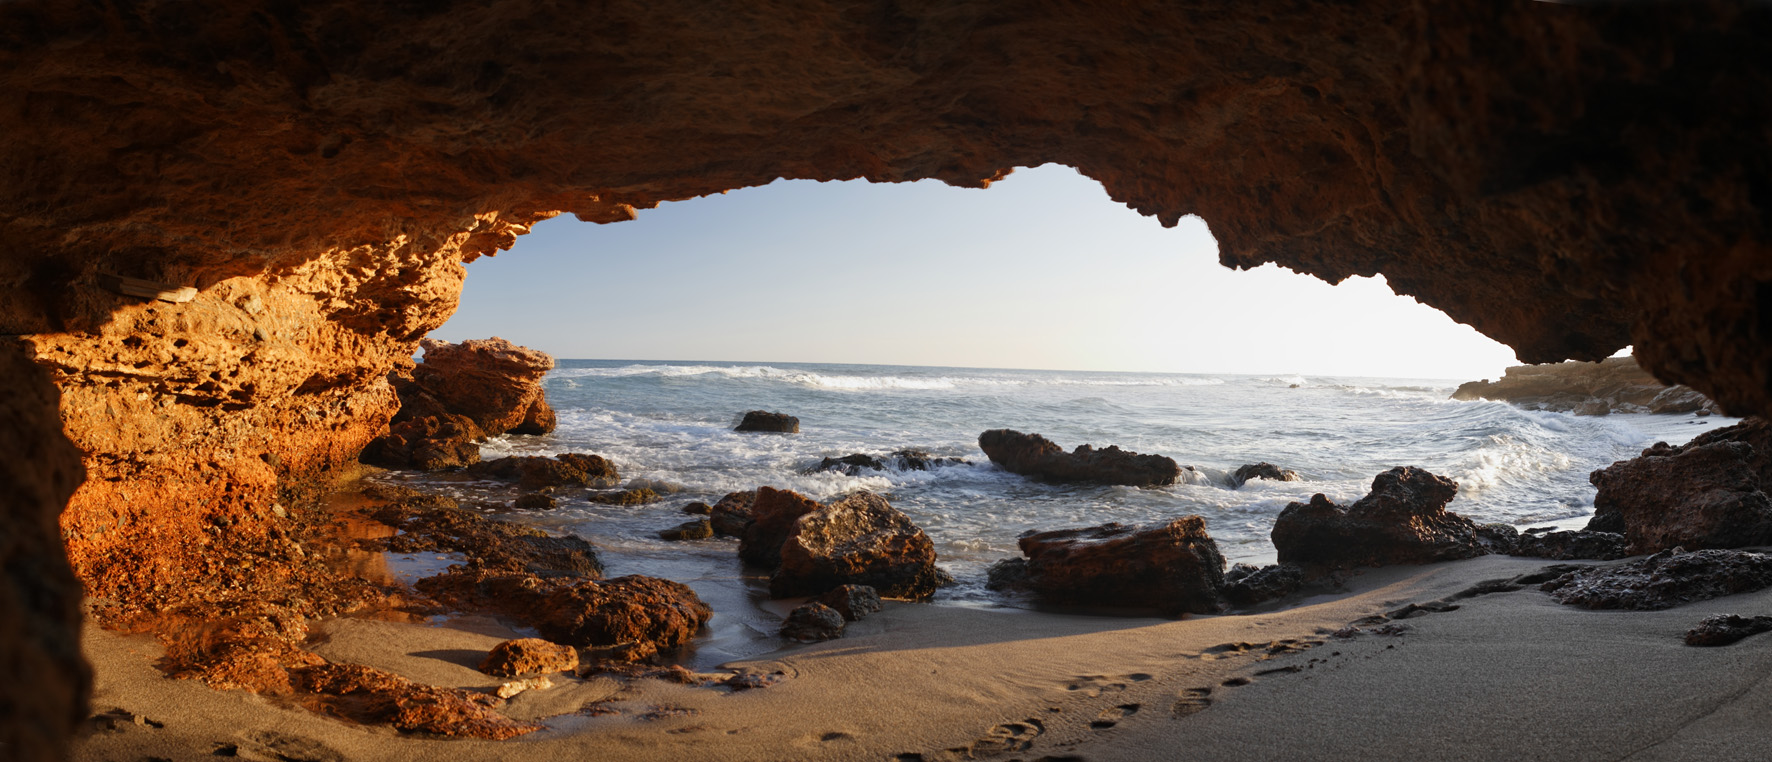 Foto playa Renega. Cueva en La Renega